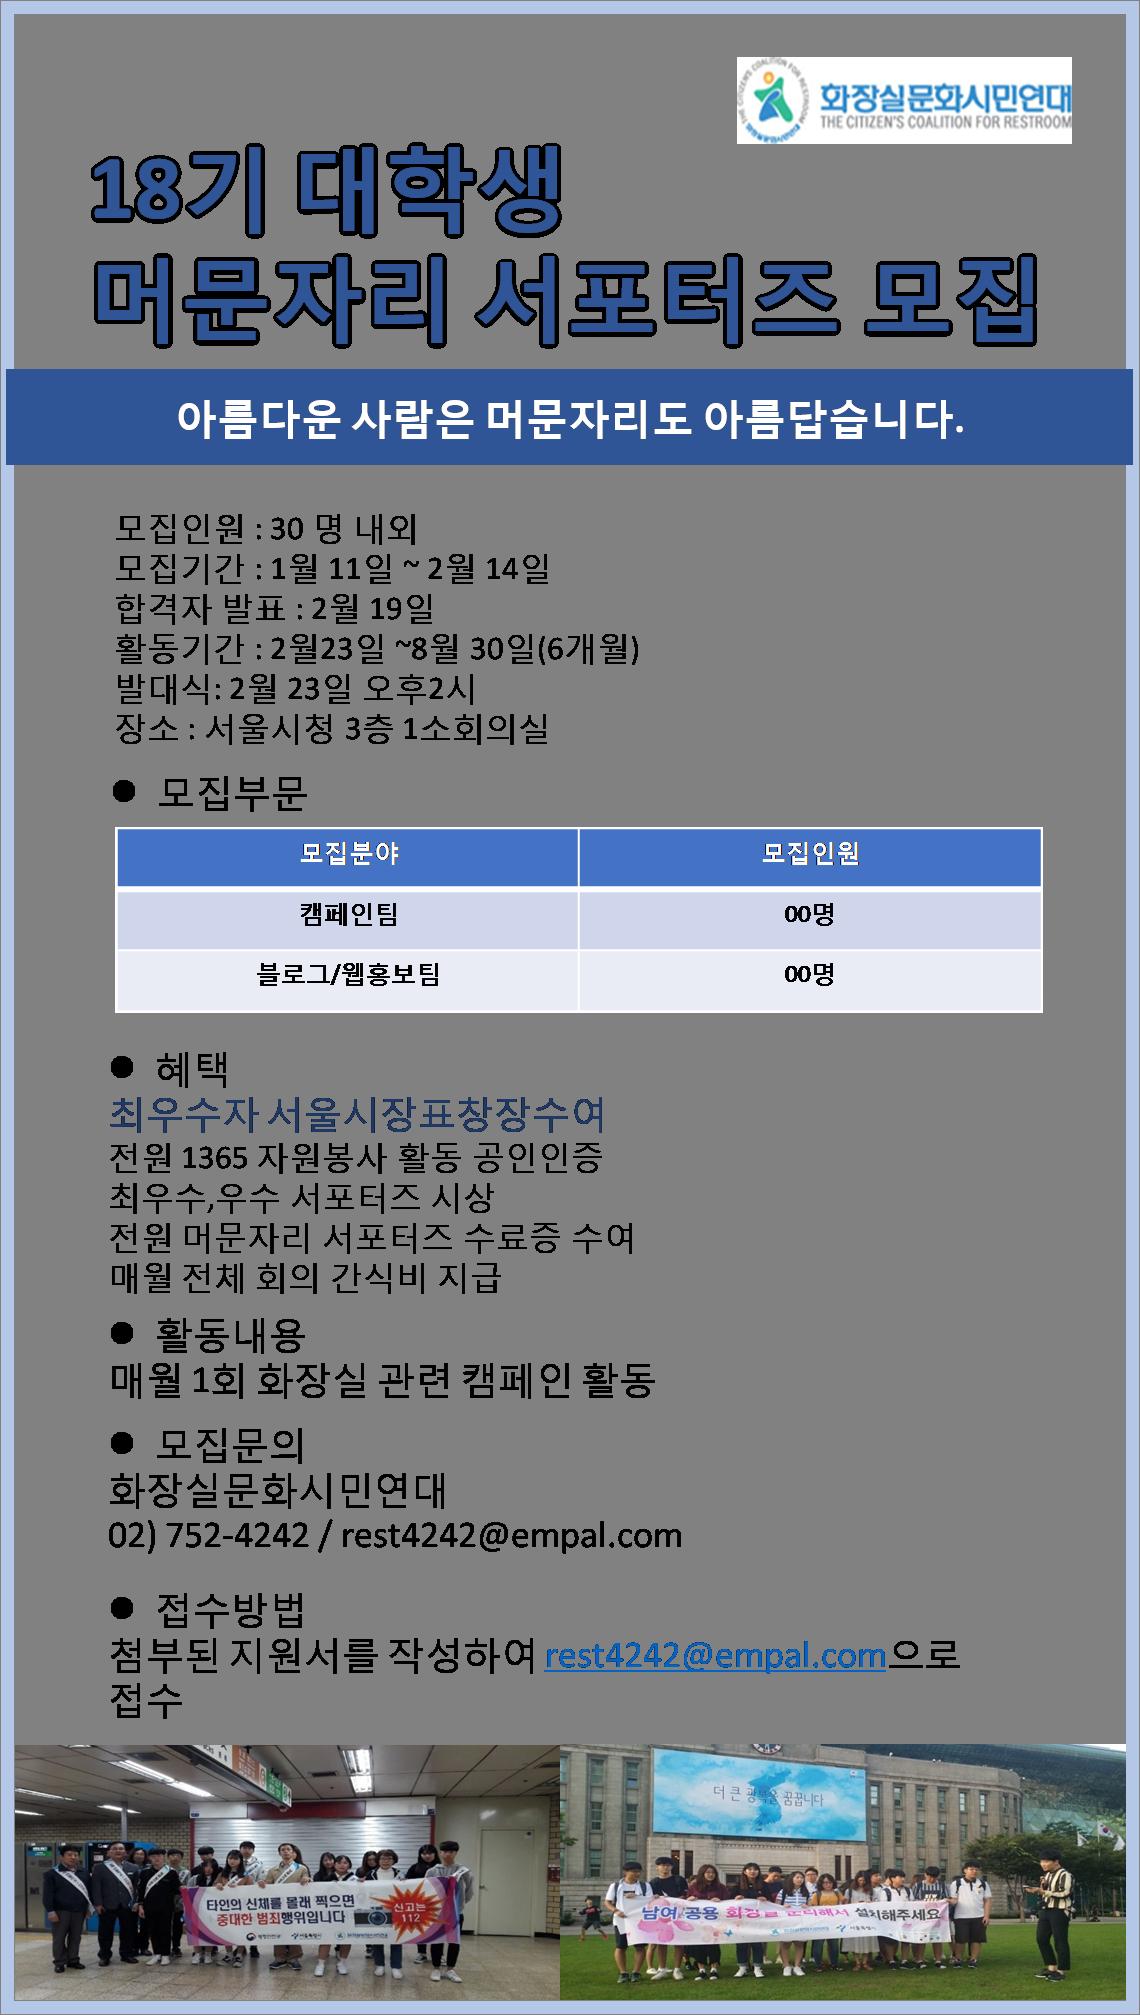 [서울시청 생활보건과와 화장실문화시민연대] 대학생 머문자리 서포터즈